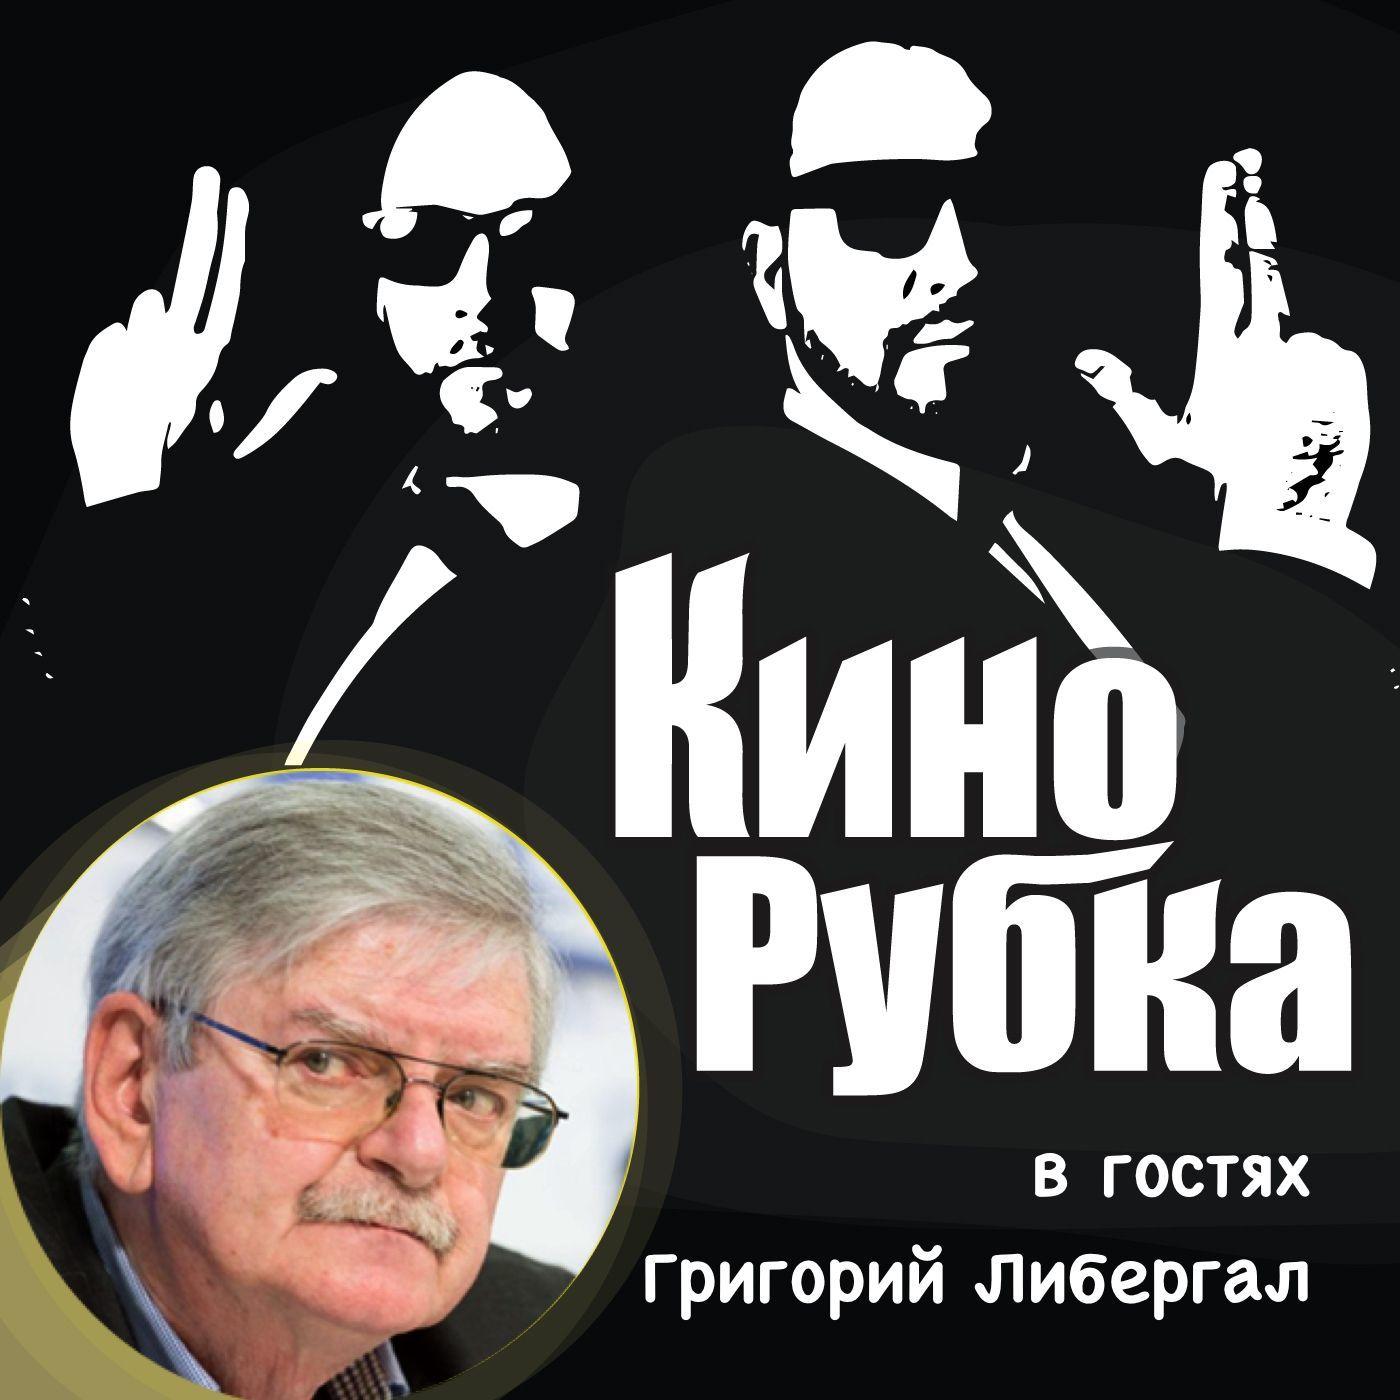 Вице-президент гильдии неигрового кино и тв Григорий Либергал